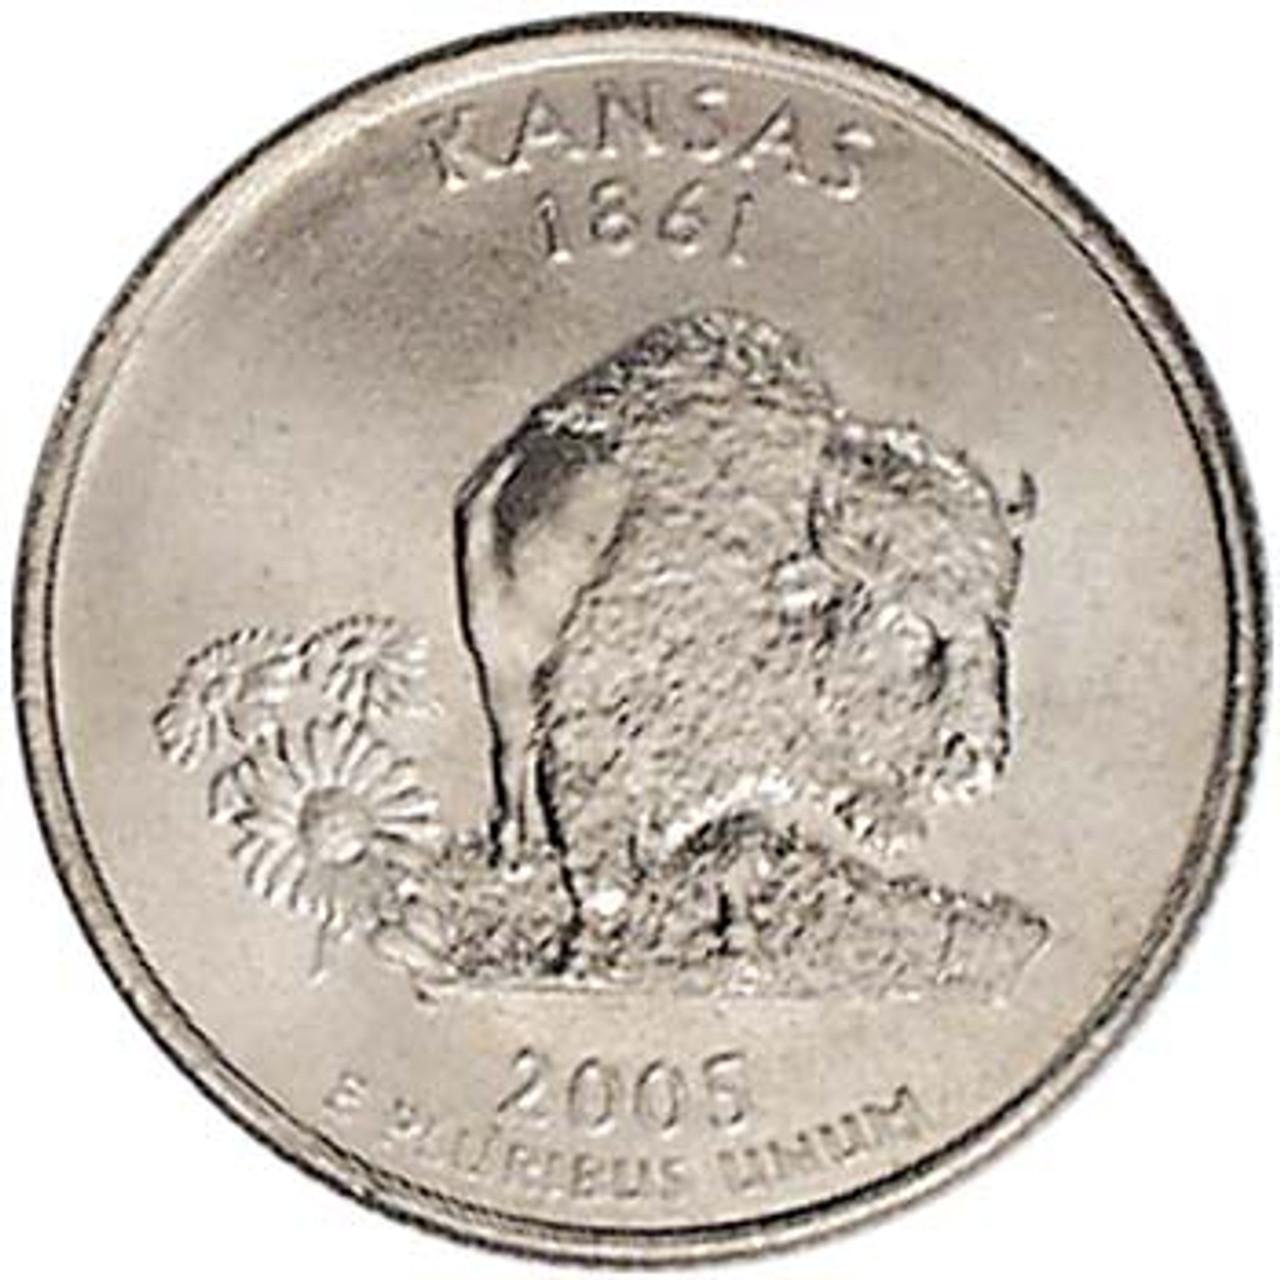 2005-P Kansas Quarter Brilliant Uncirculated Image 1